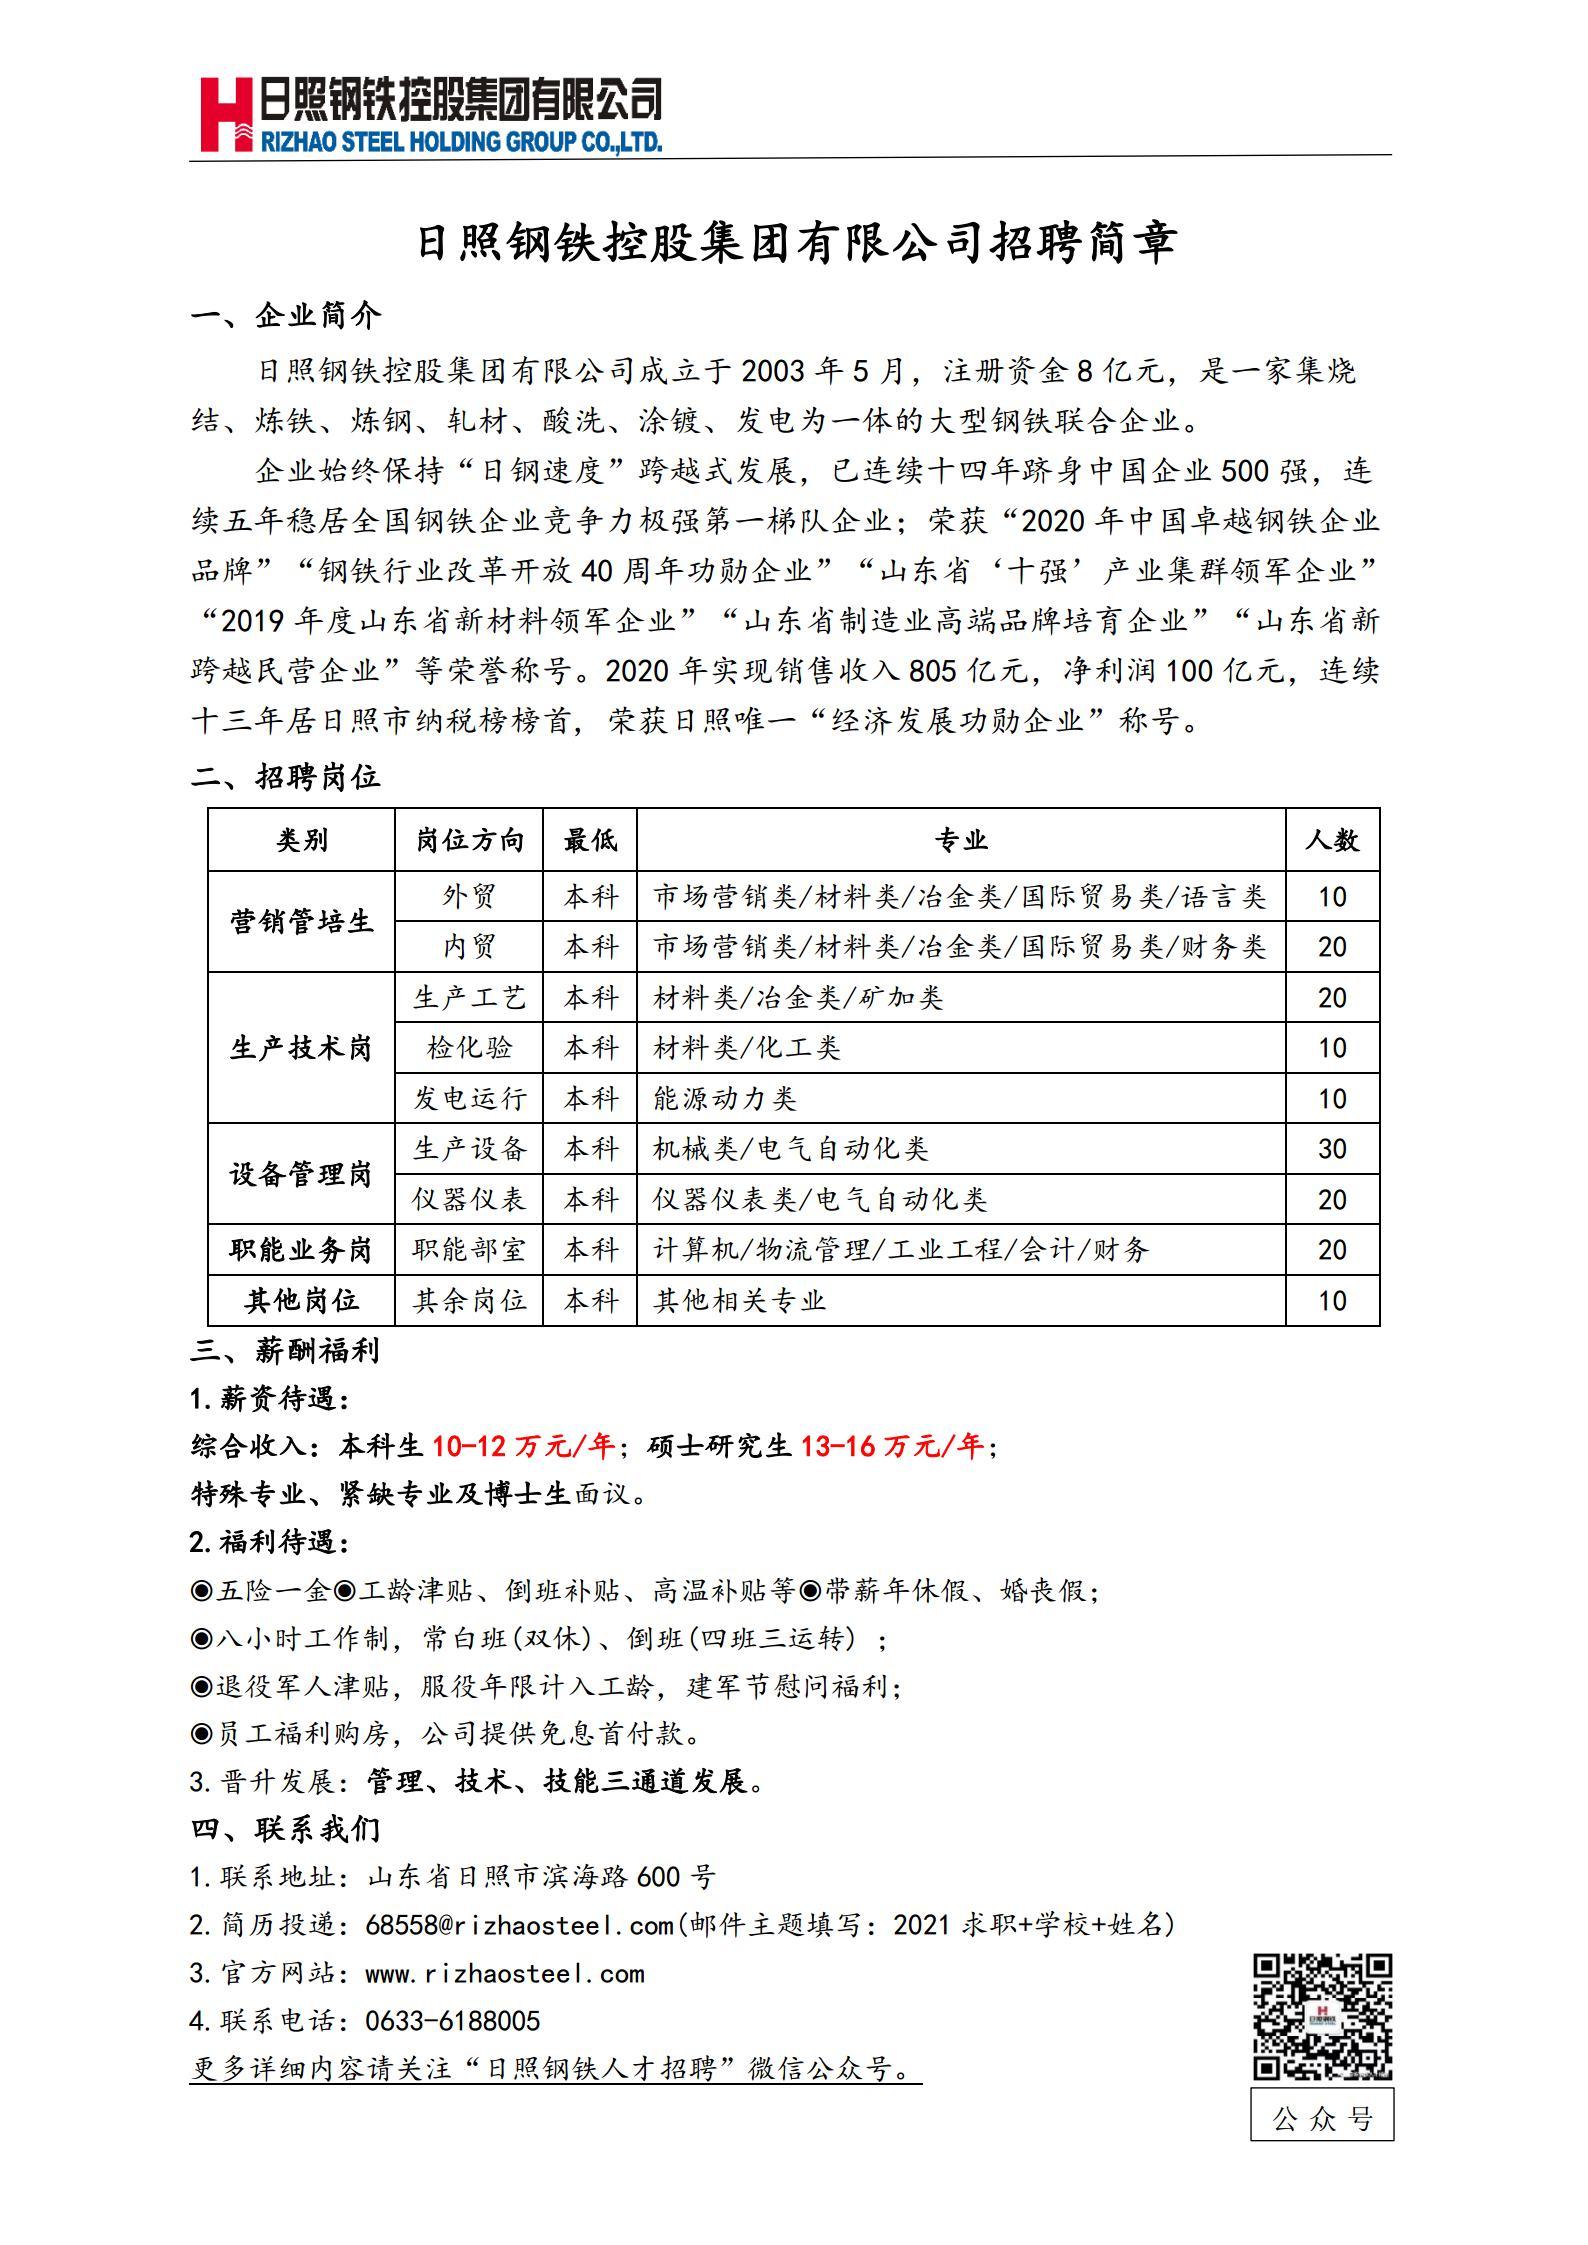 日照钢铁招聘简章(通用传统钢校) .jpg